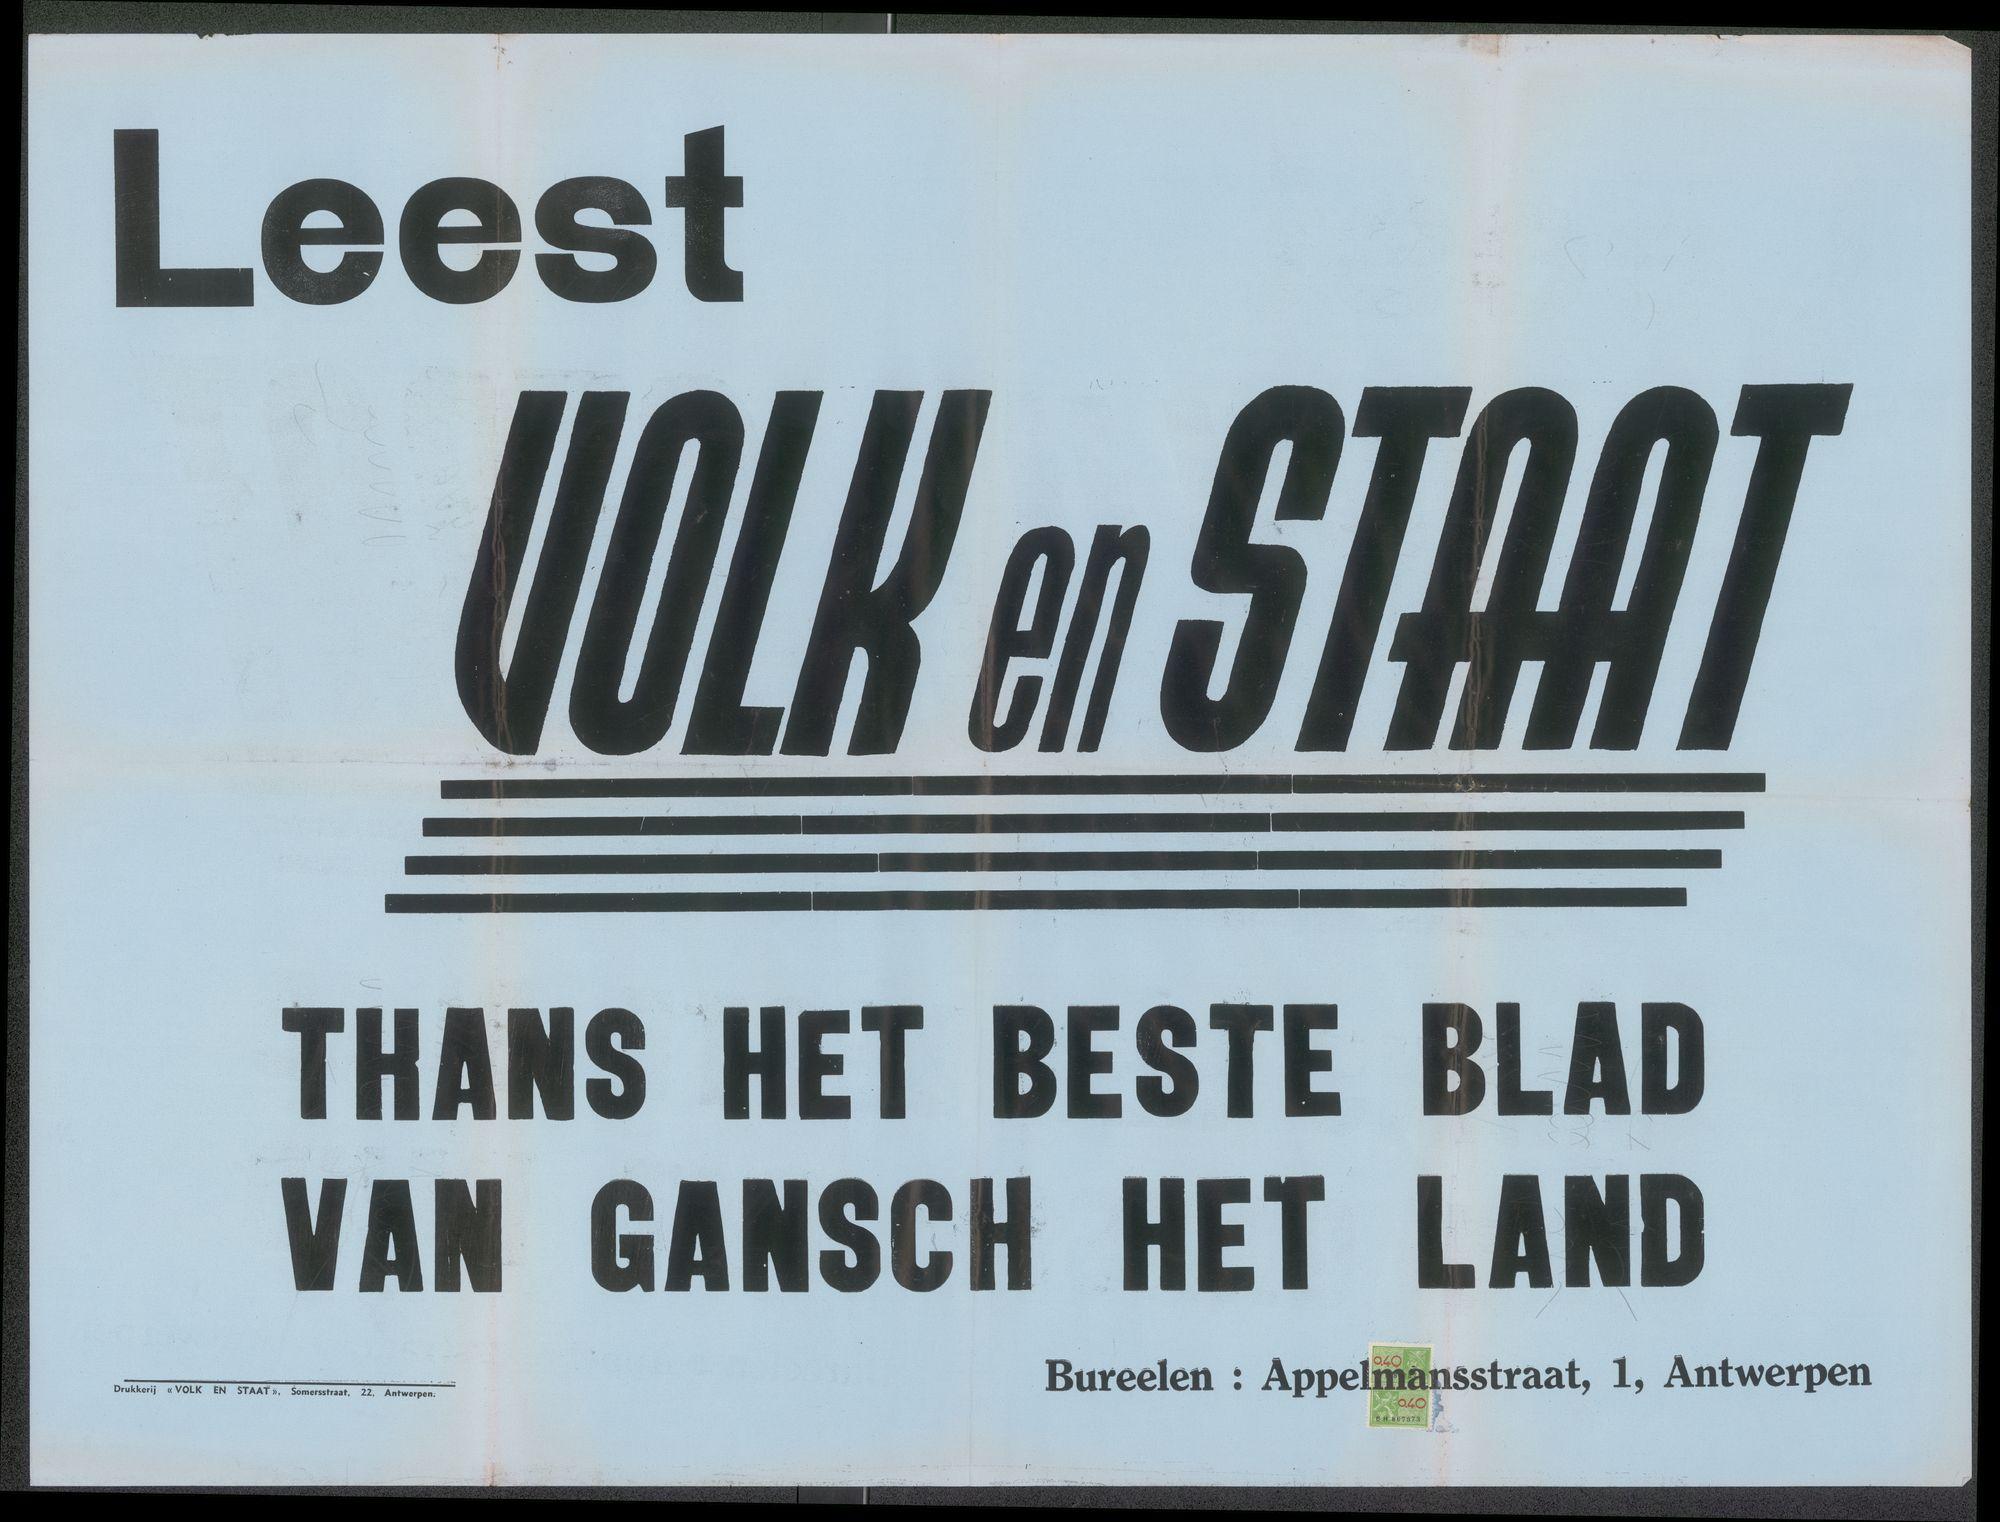 3d6519419 File:Leest Volk en Staat, Thans het beste blad van gansch het land ...